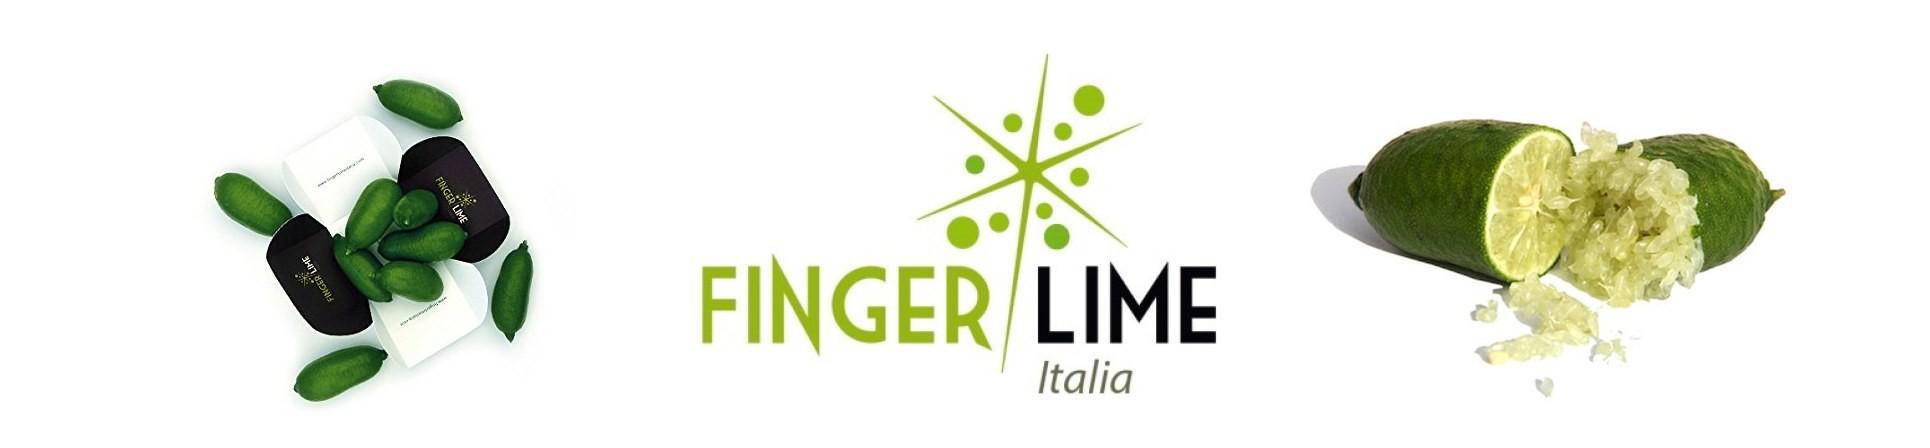 B2B GUSTOX - il Marketplace all'ingrosso delle eccellenze agroalimetari italiane - Finger Lime italia